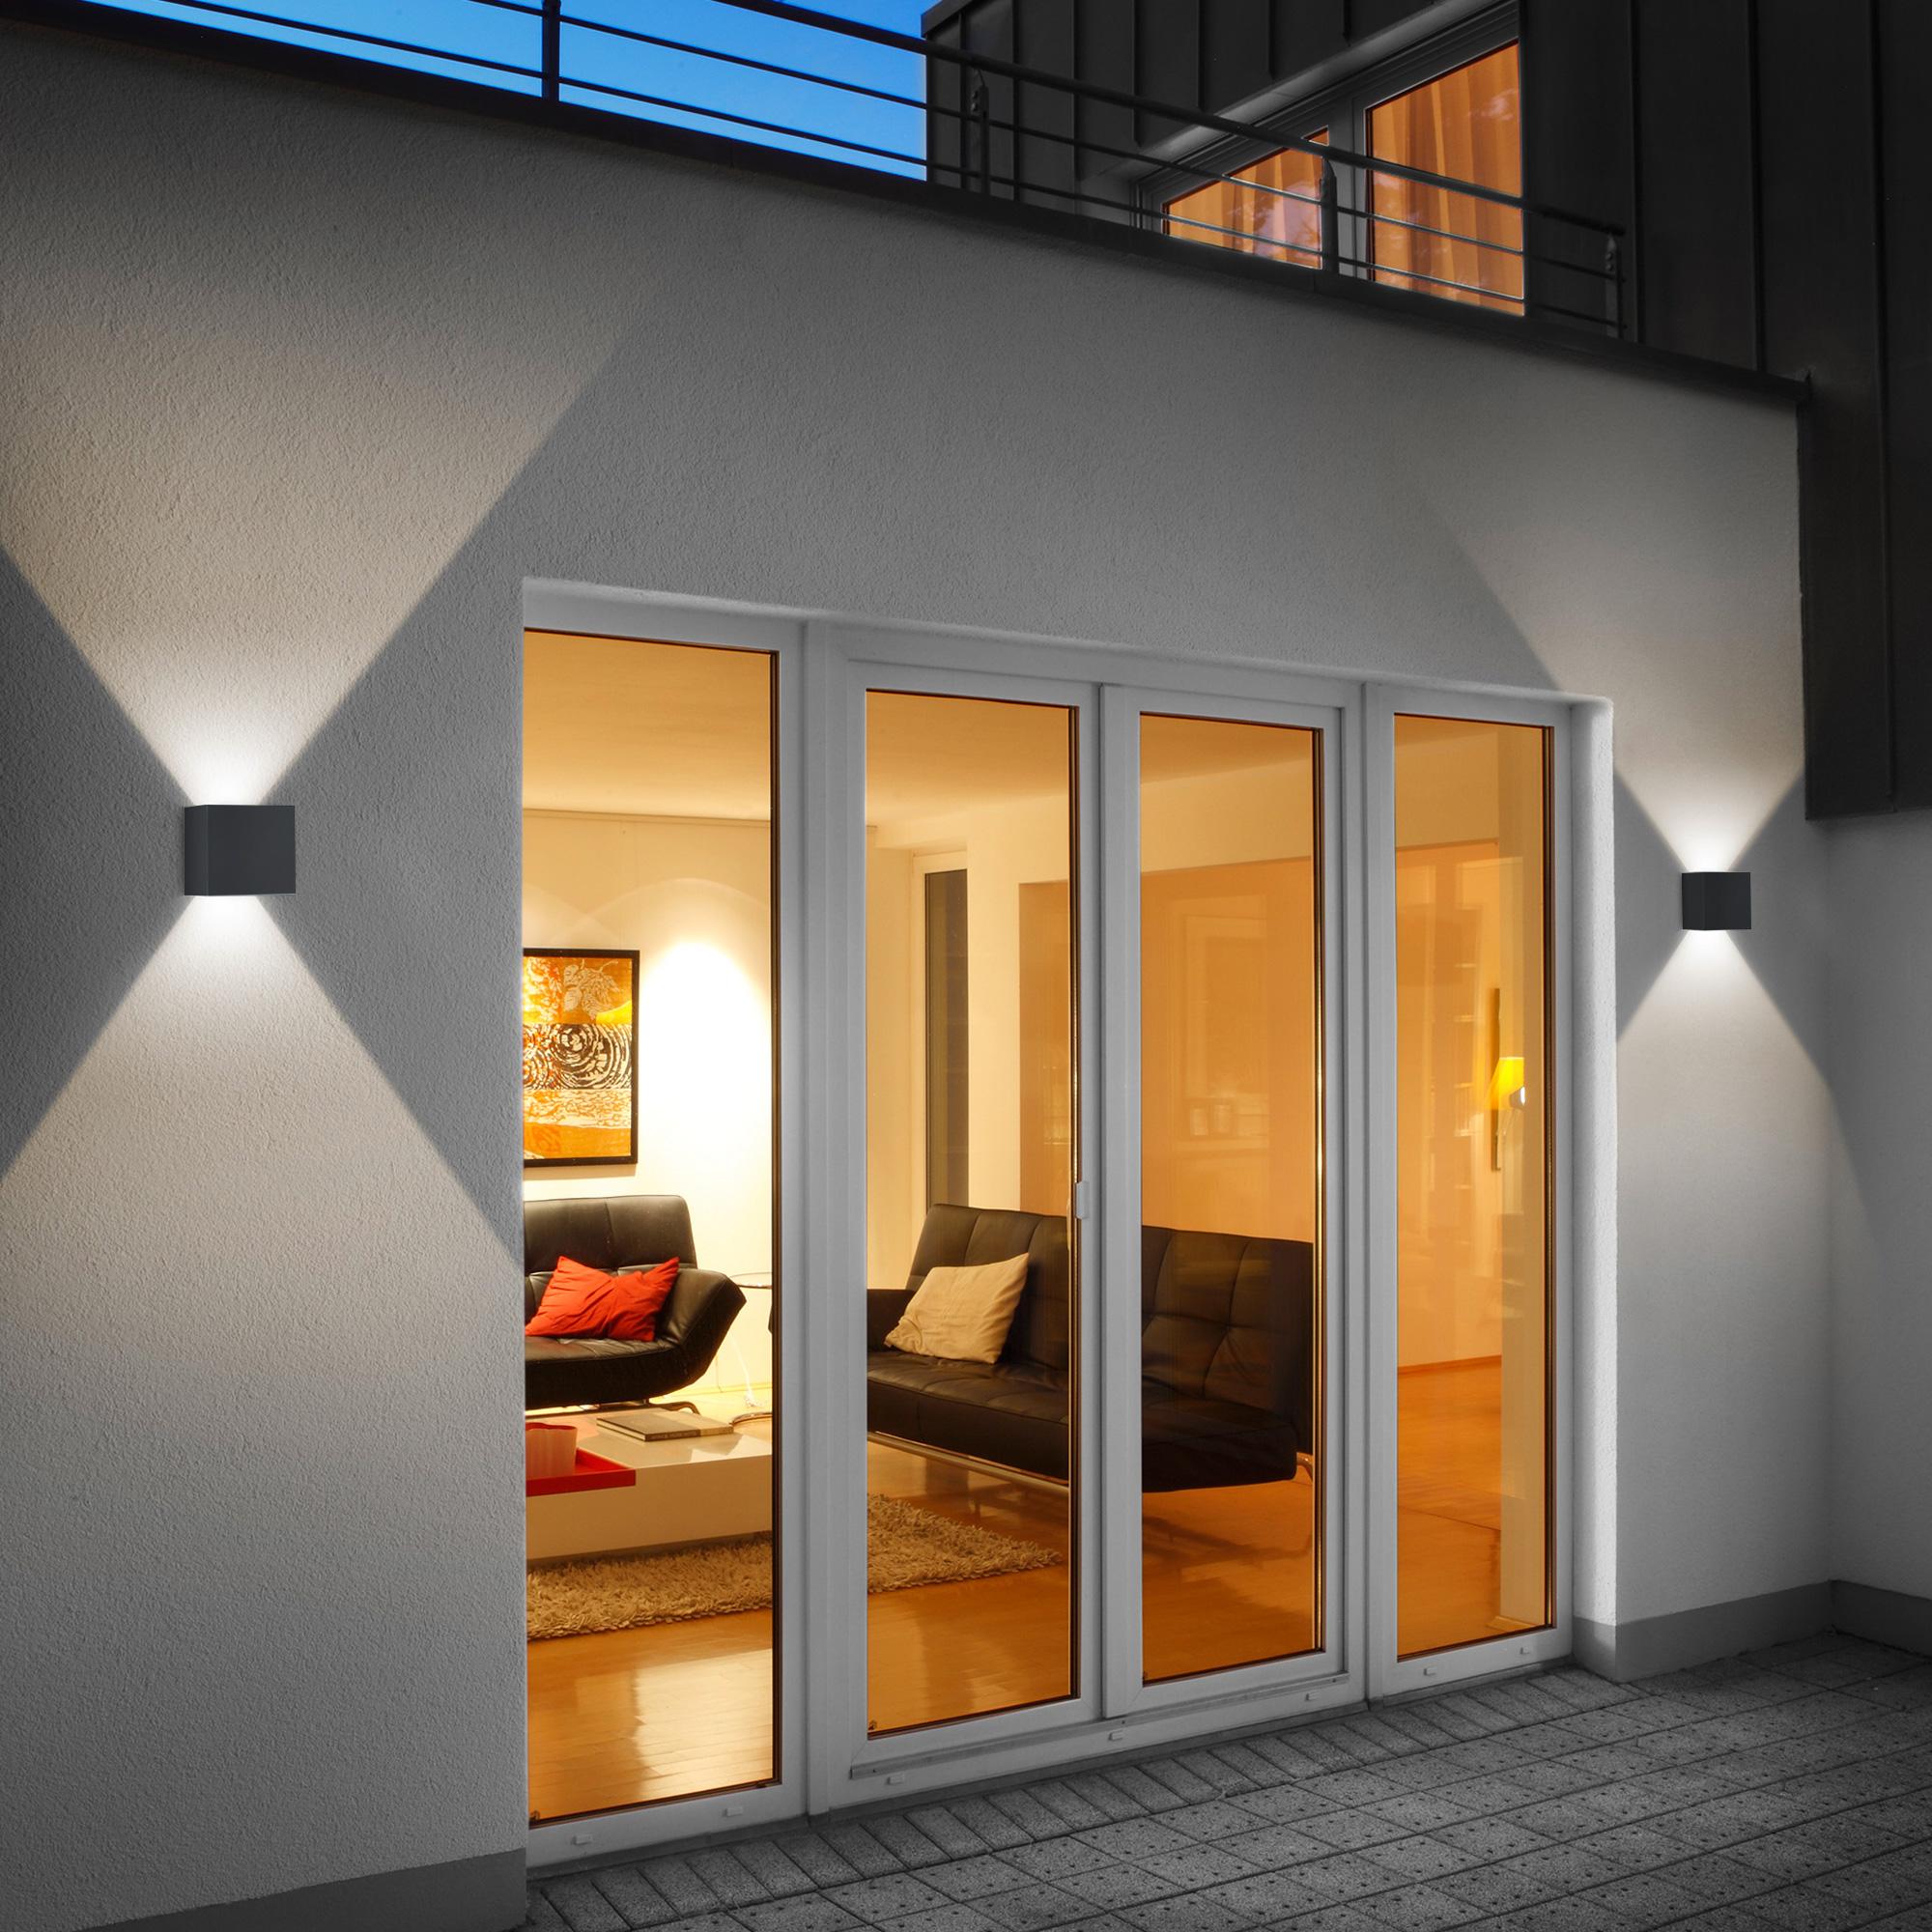 Helestra siri 44 led wandleuchte lichtaustritt verstellbar reuter onlineshop - Wandbeleuchtung aussen ...